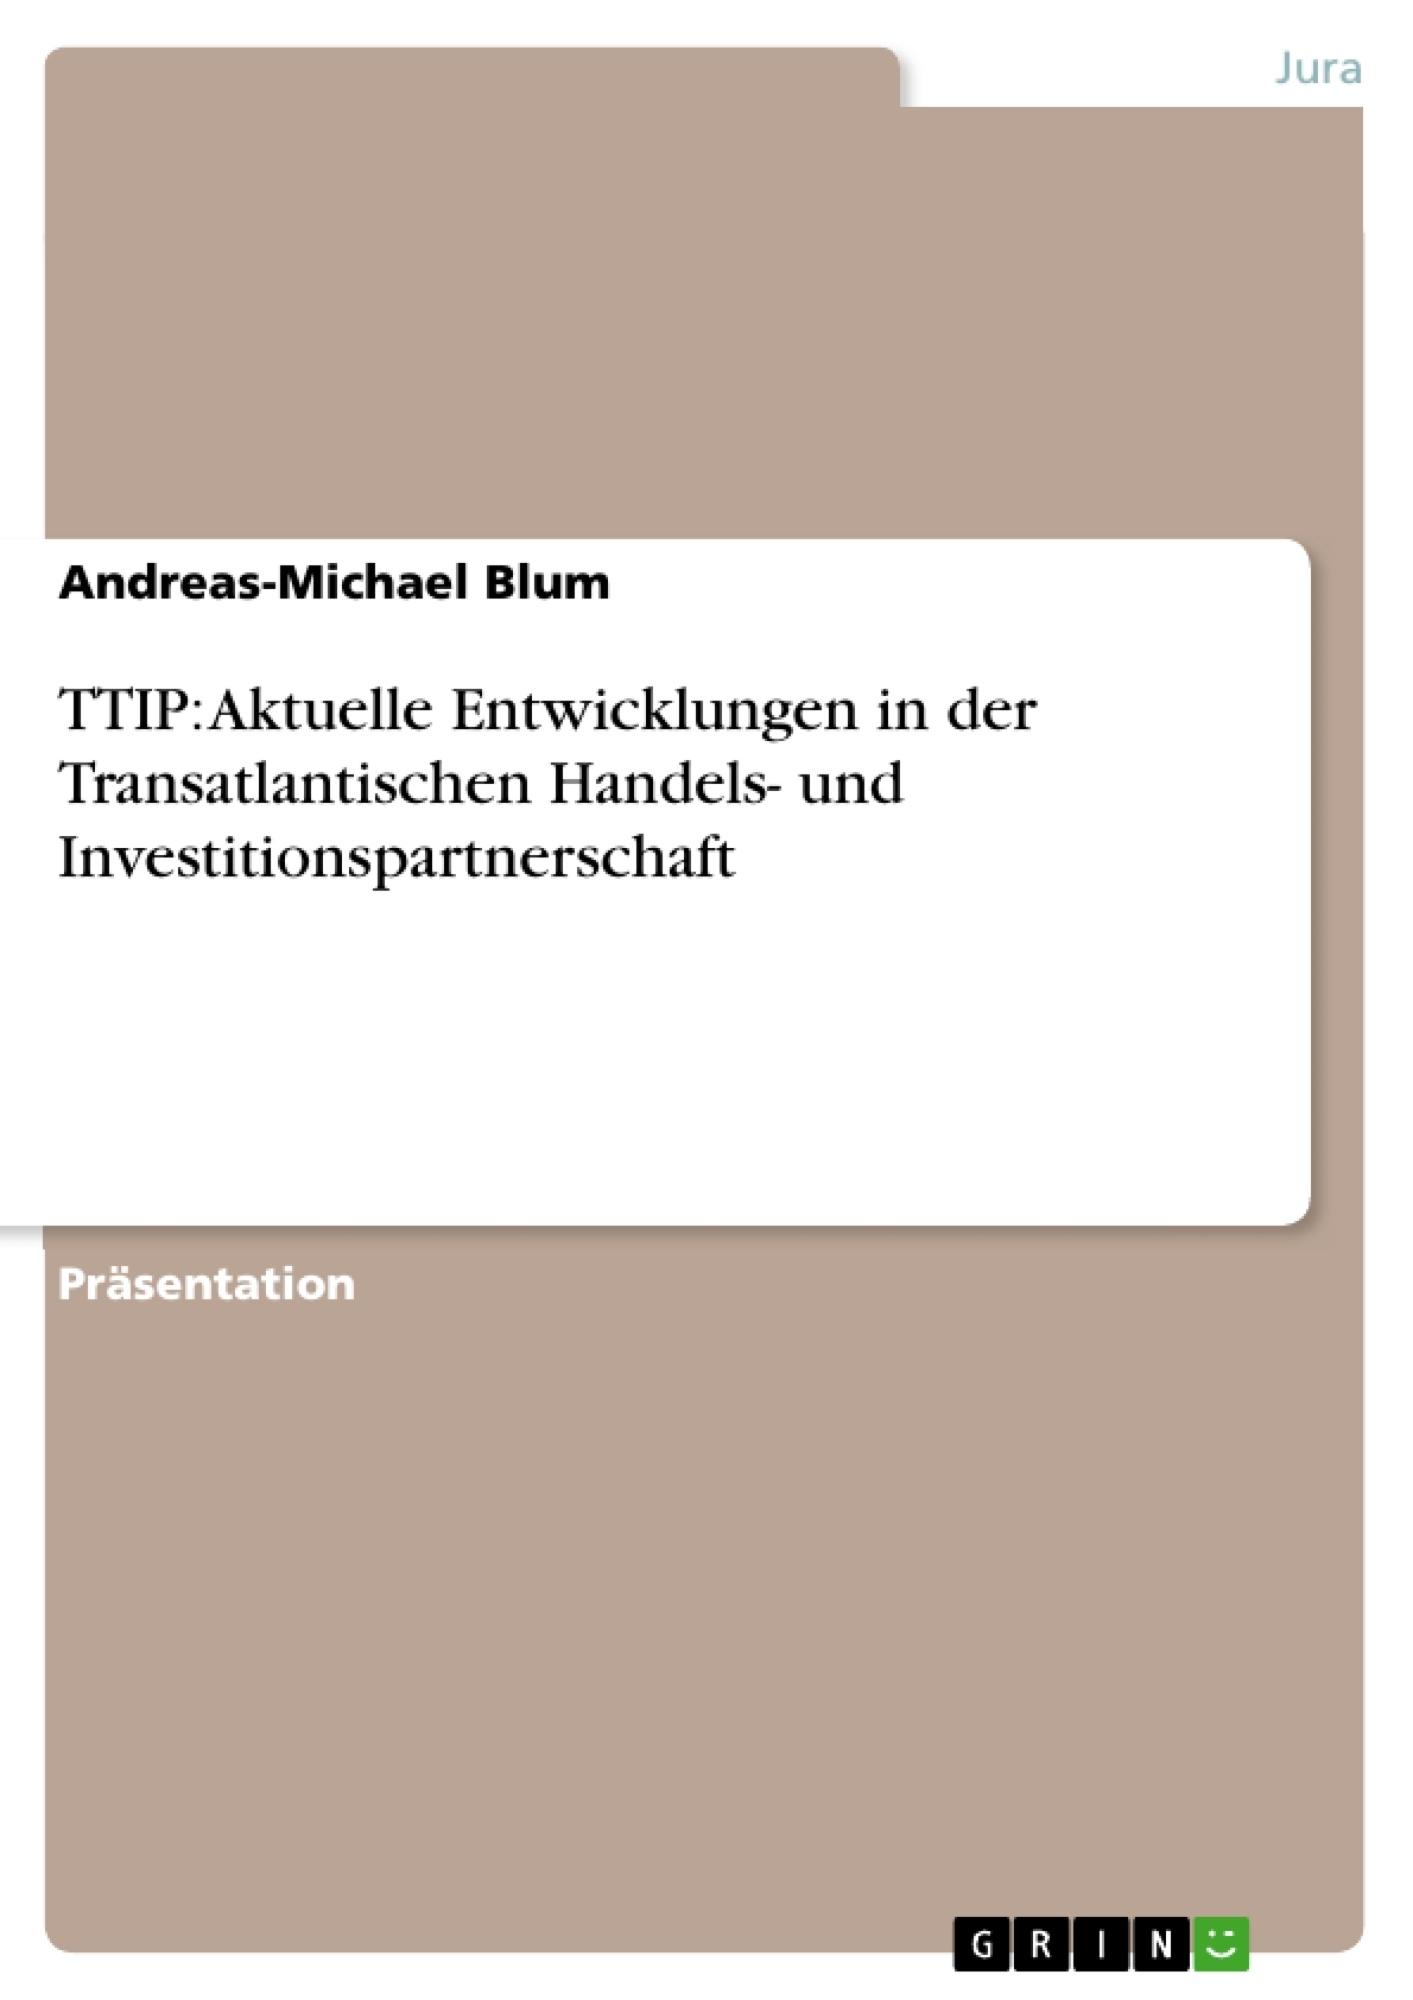 Titel: TTIP: Aktuelle Entwicklungen in der Transatlantischen Handels- und  Investitionspartnerschaft